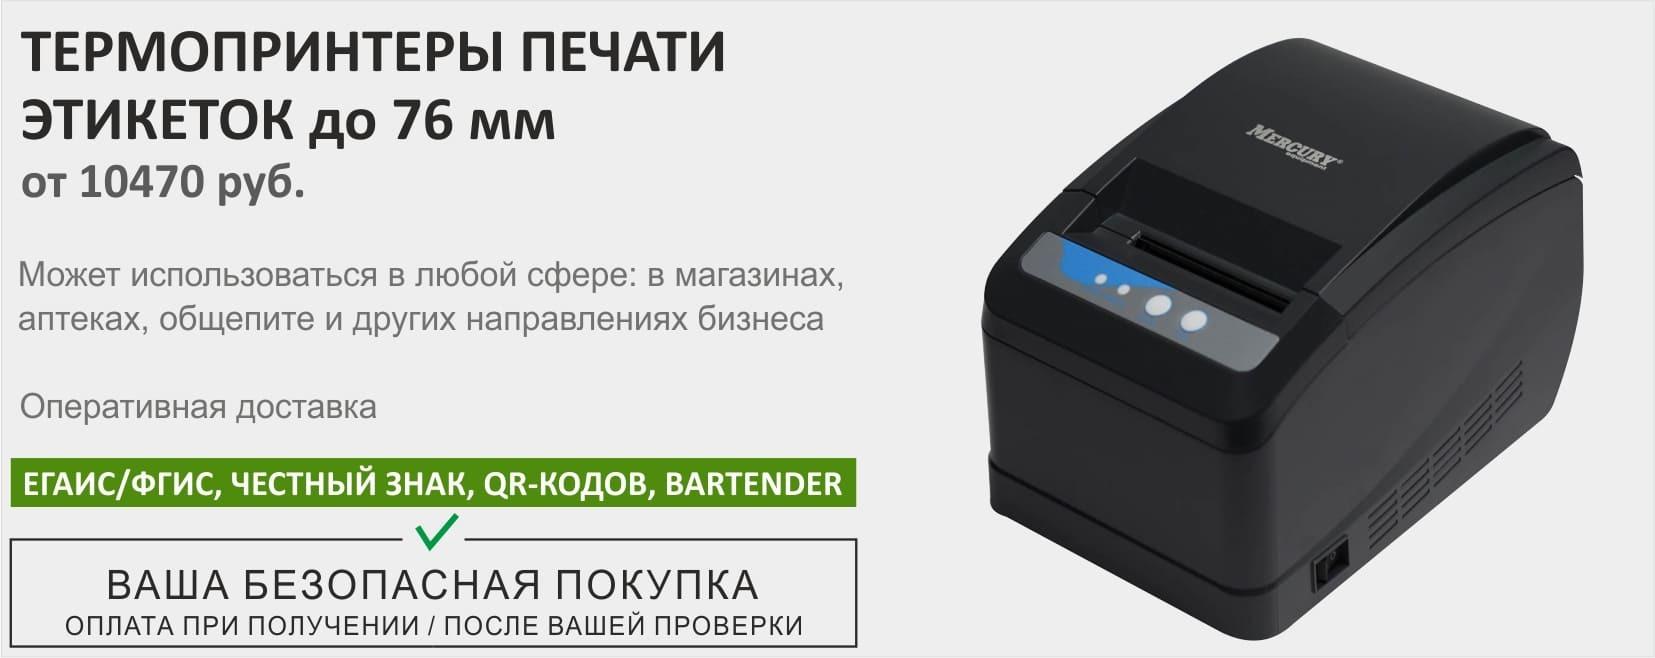 - Принтеры этикеток до 76 мм